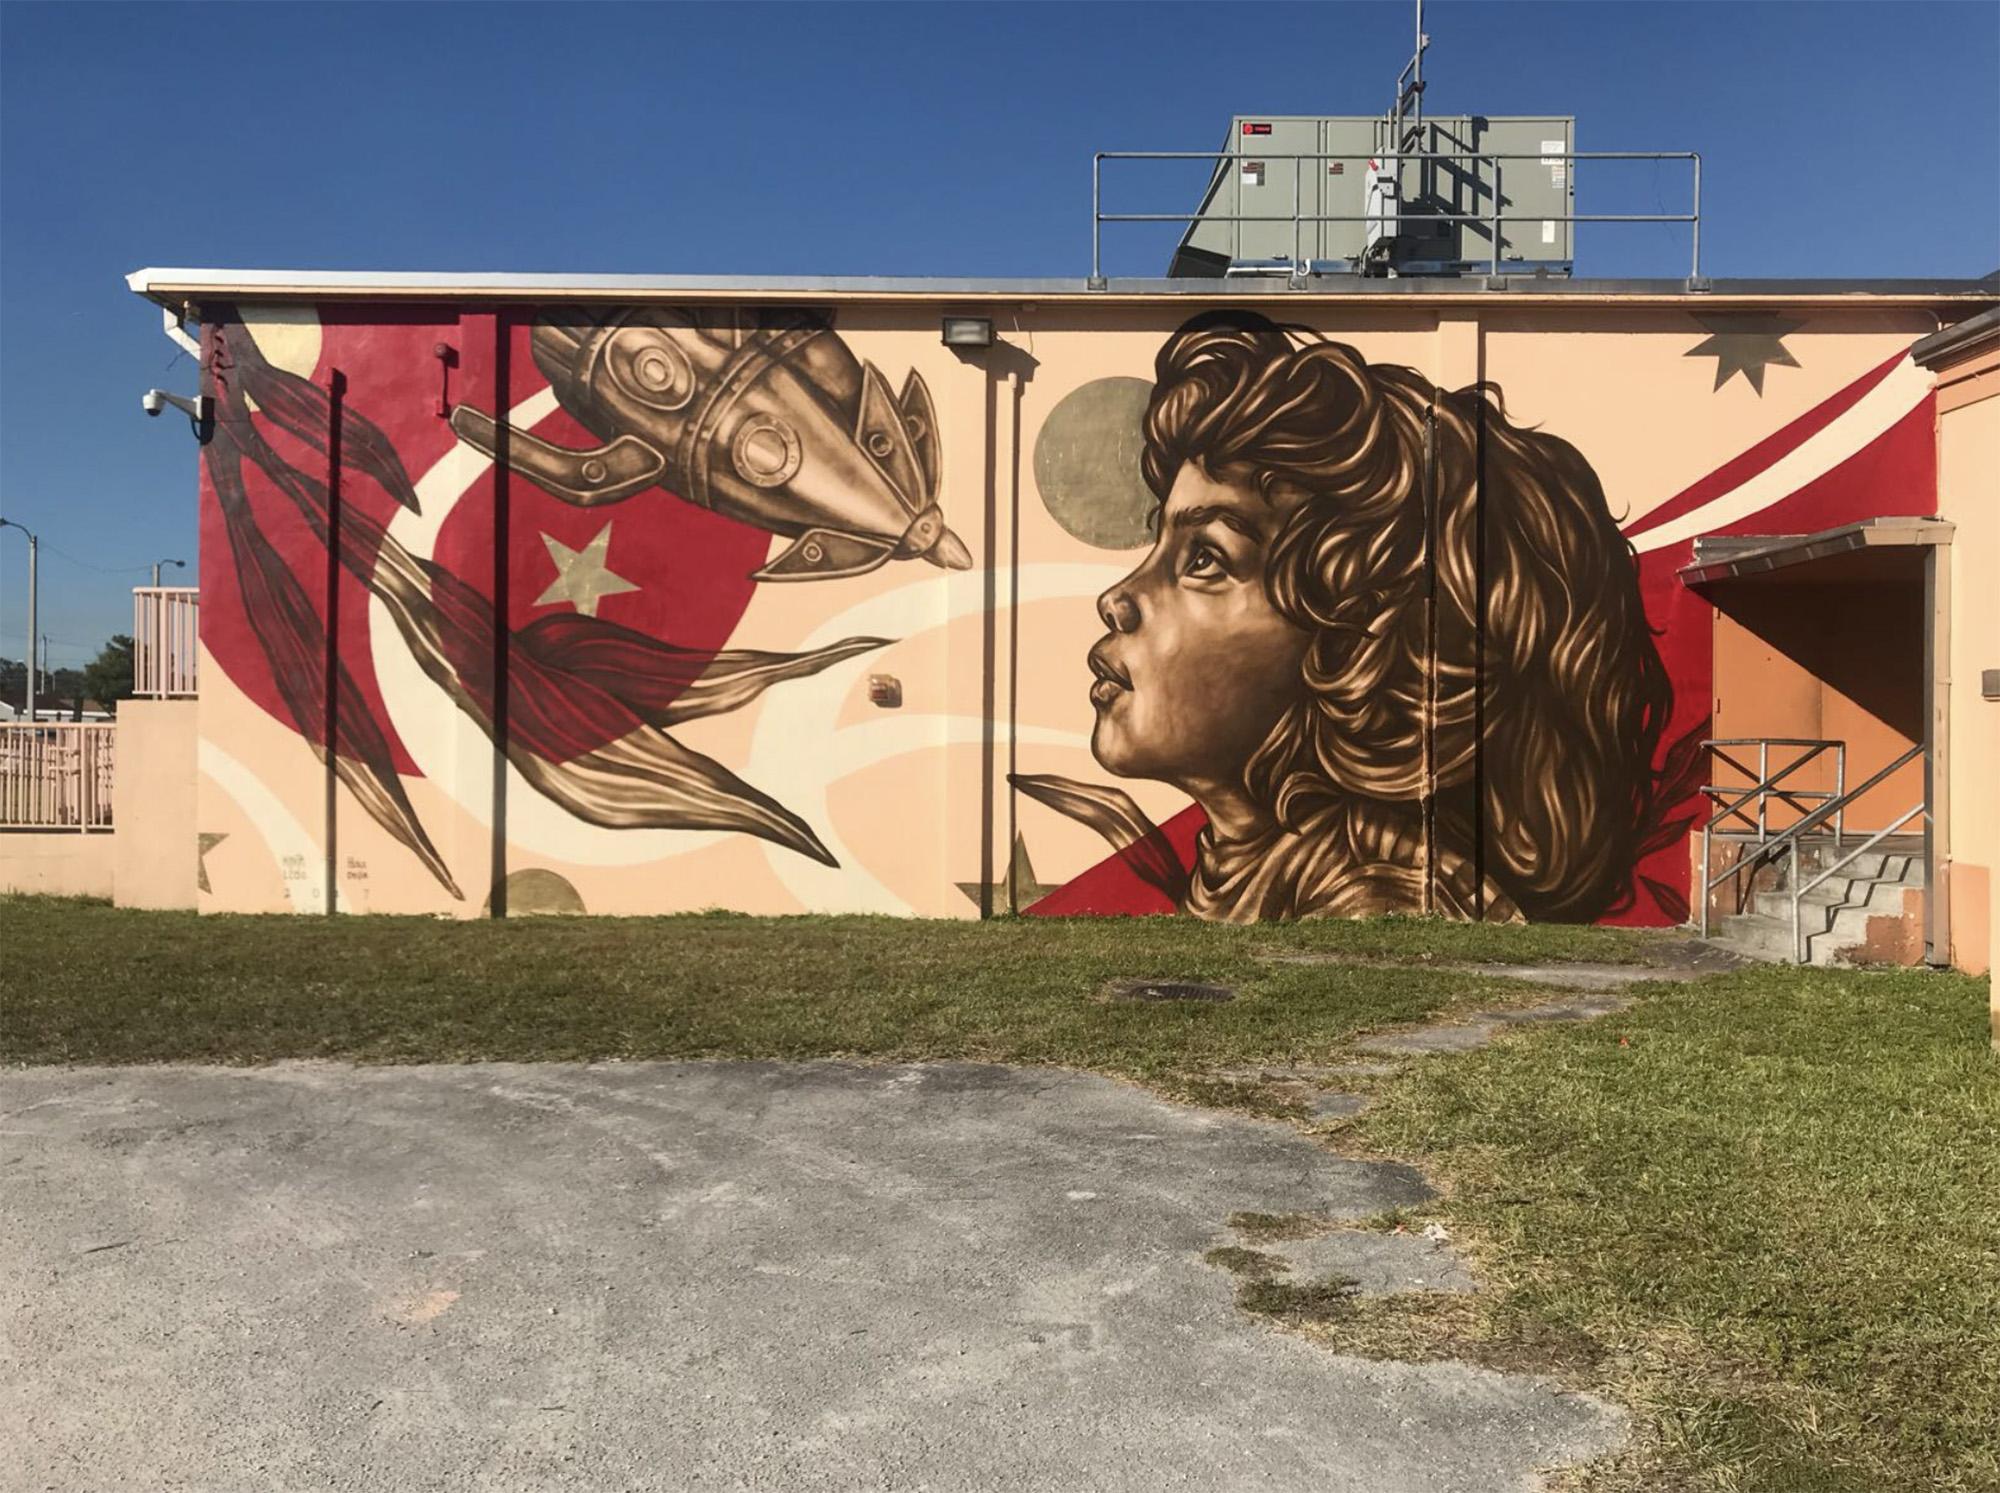 Top 15 dos Murais sobre Crianças Artes & contextos Ledo1